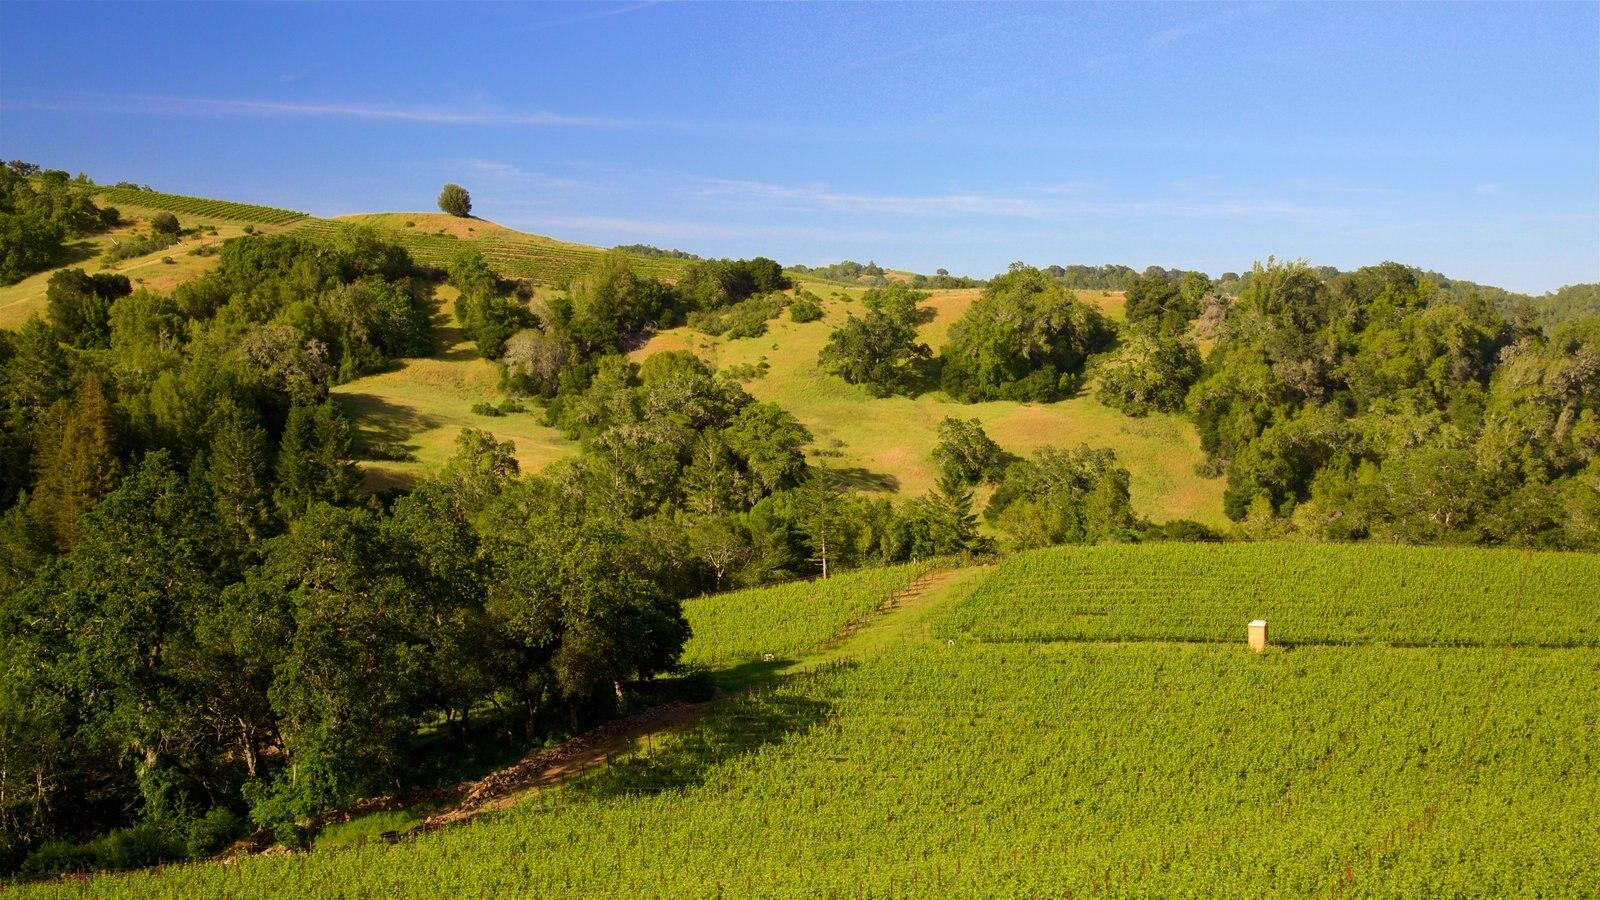 Napa Valley ofreciendo escenas tranquilas y tierras de cultivo